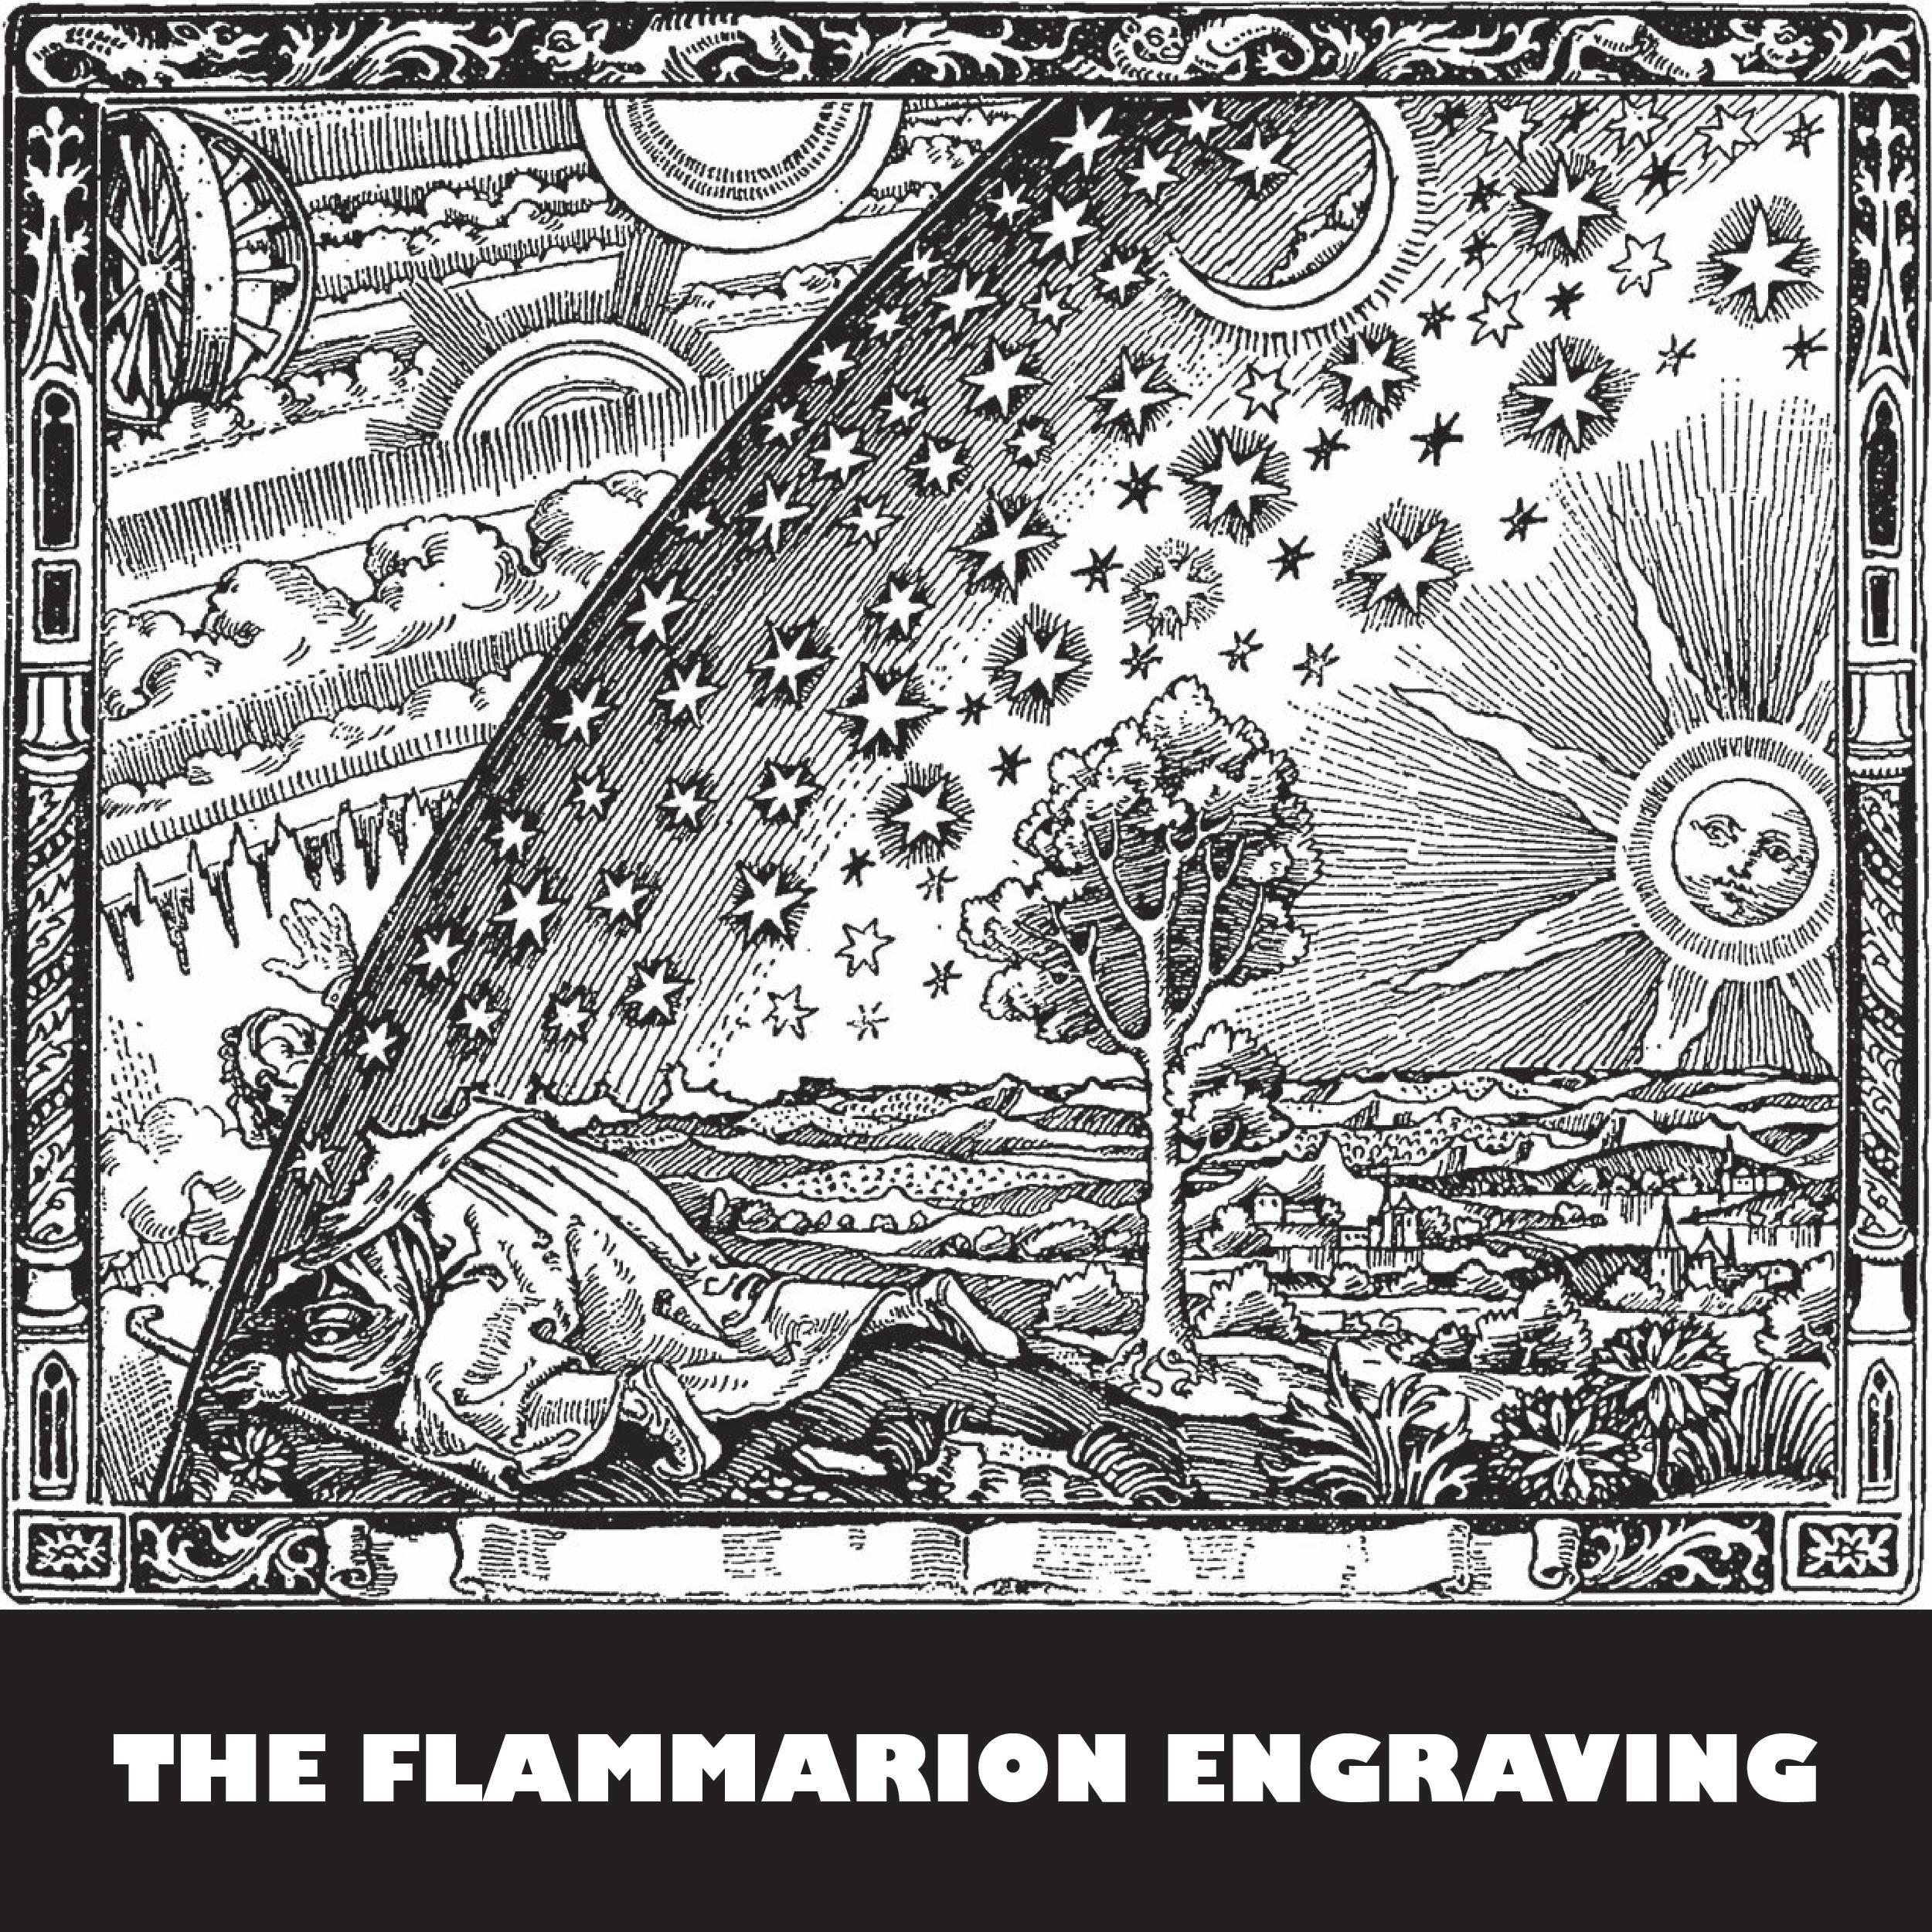 flammarion.engraving